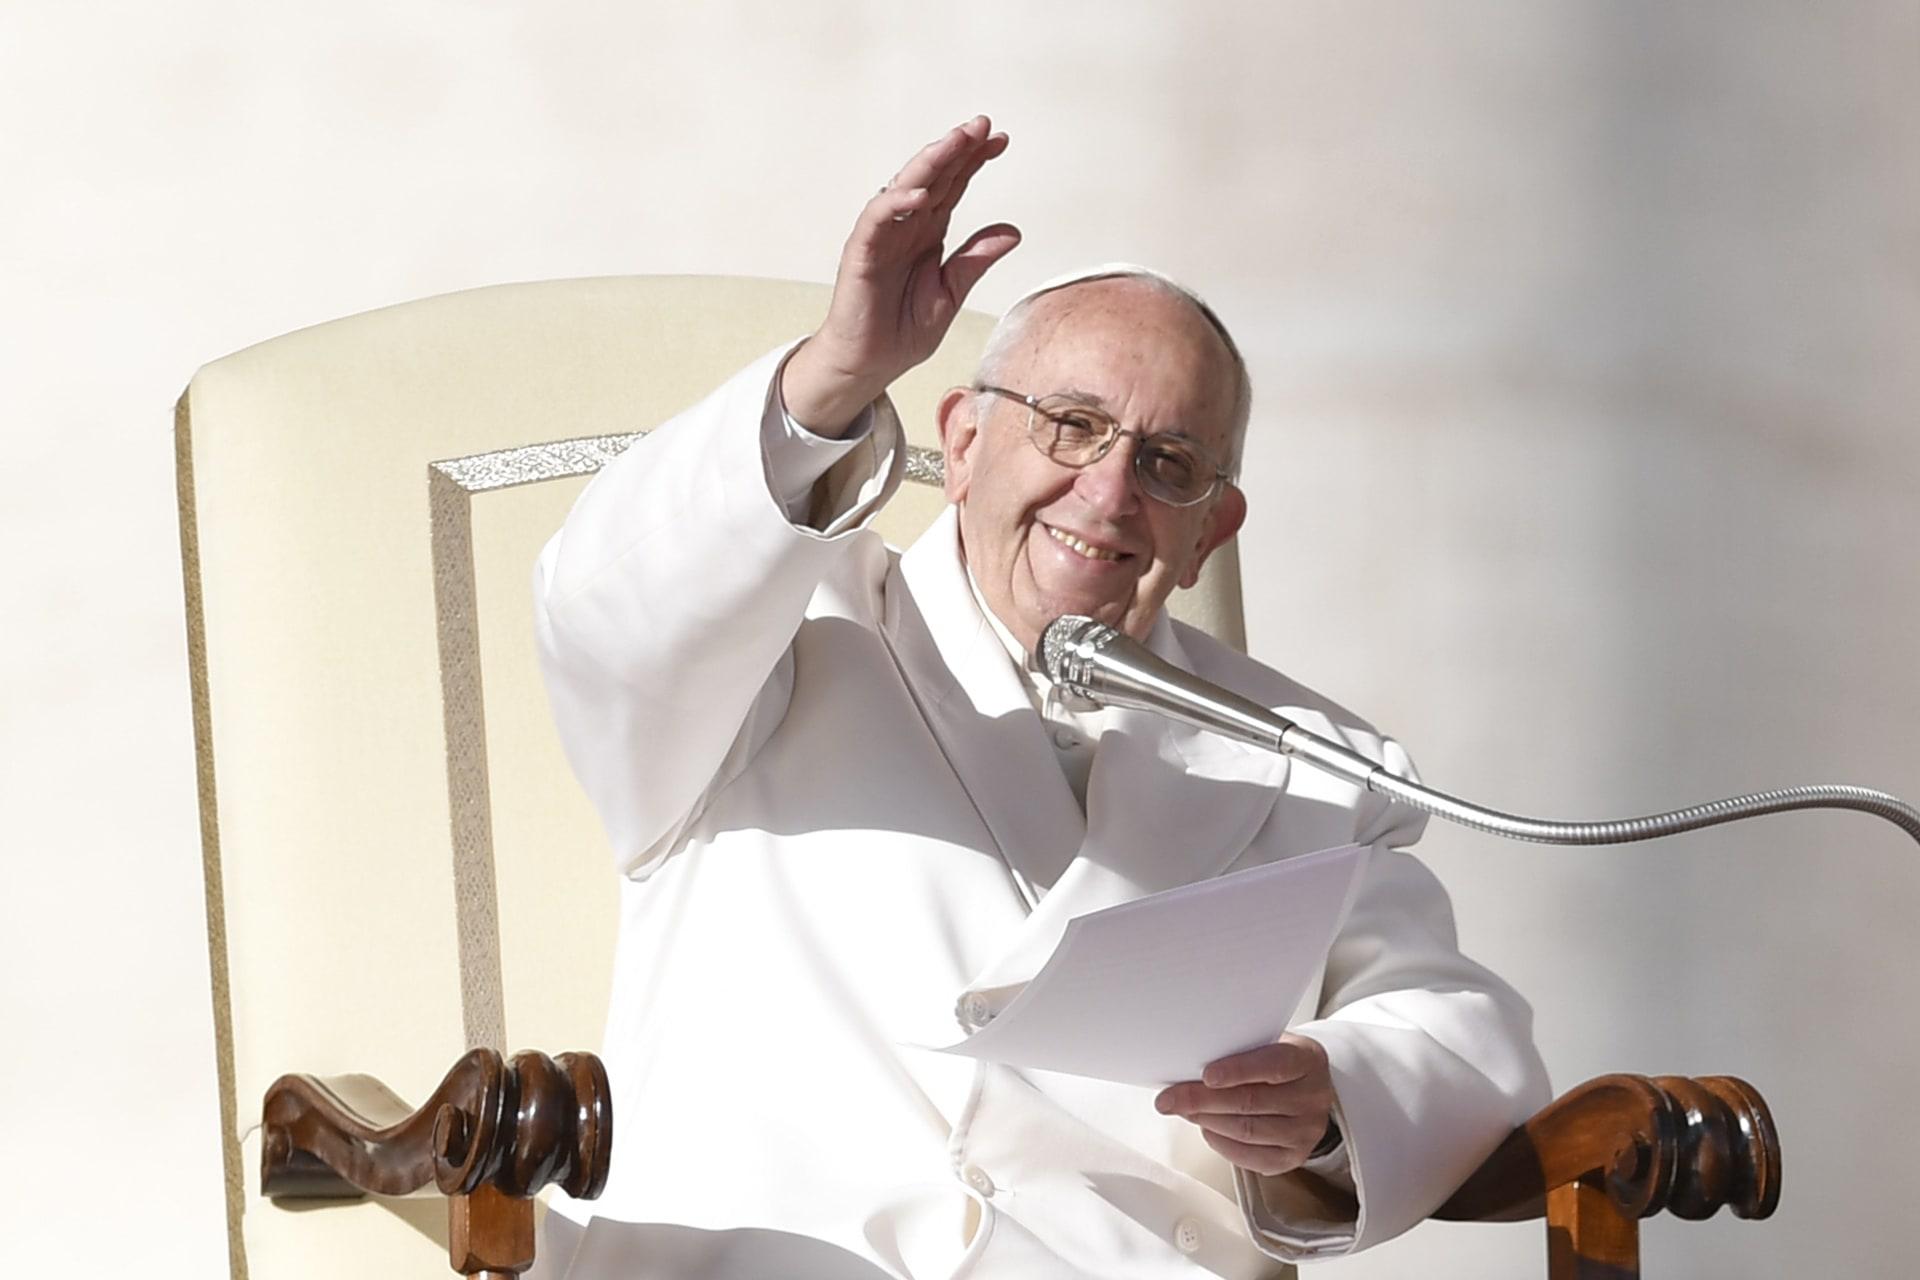 """البابا يتحدث عن """"الأخبار المزيفة"""".. هل يقصد ترامب؟"""